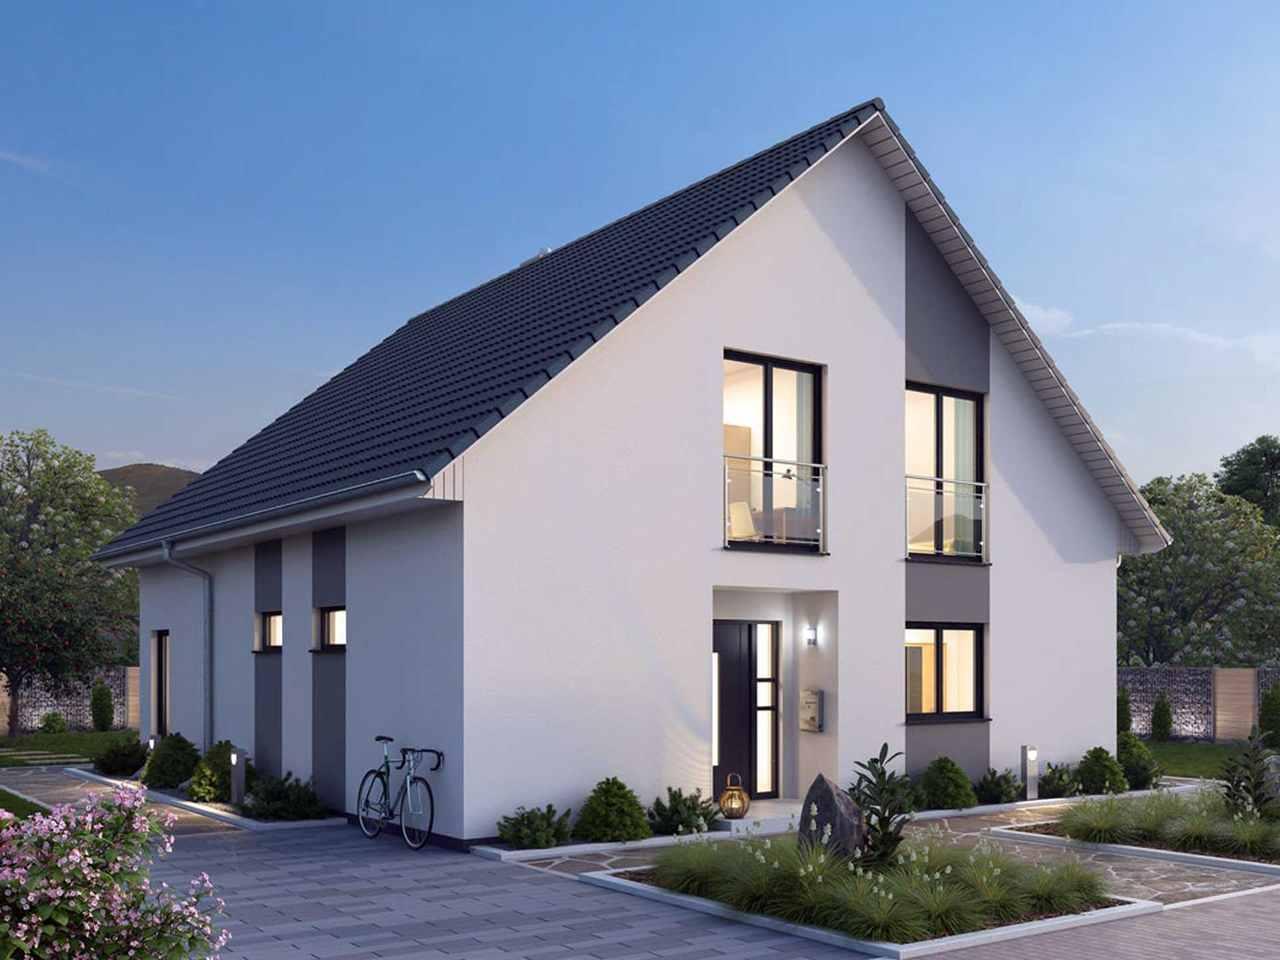 Einfamilienhaus 147 - Ytong Bausatzhaus